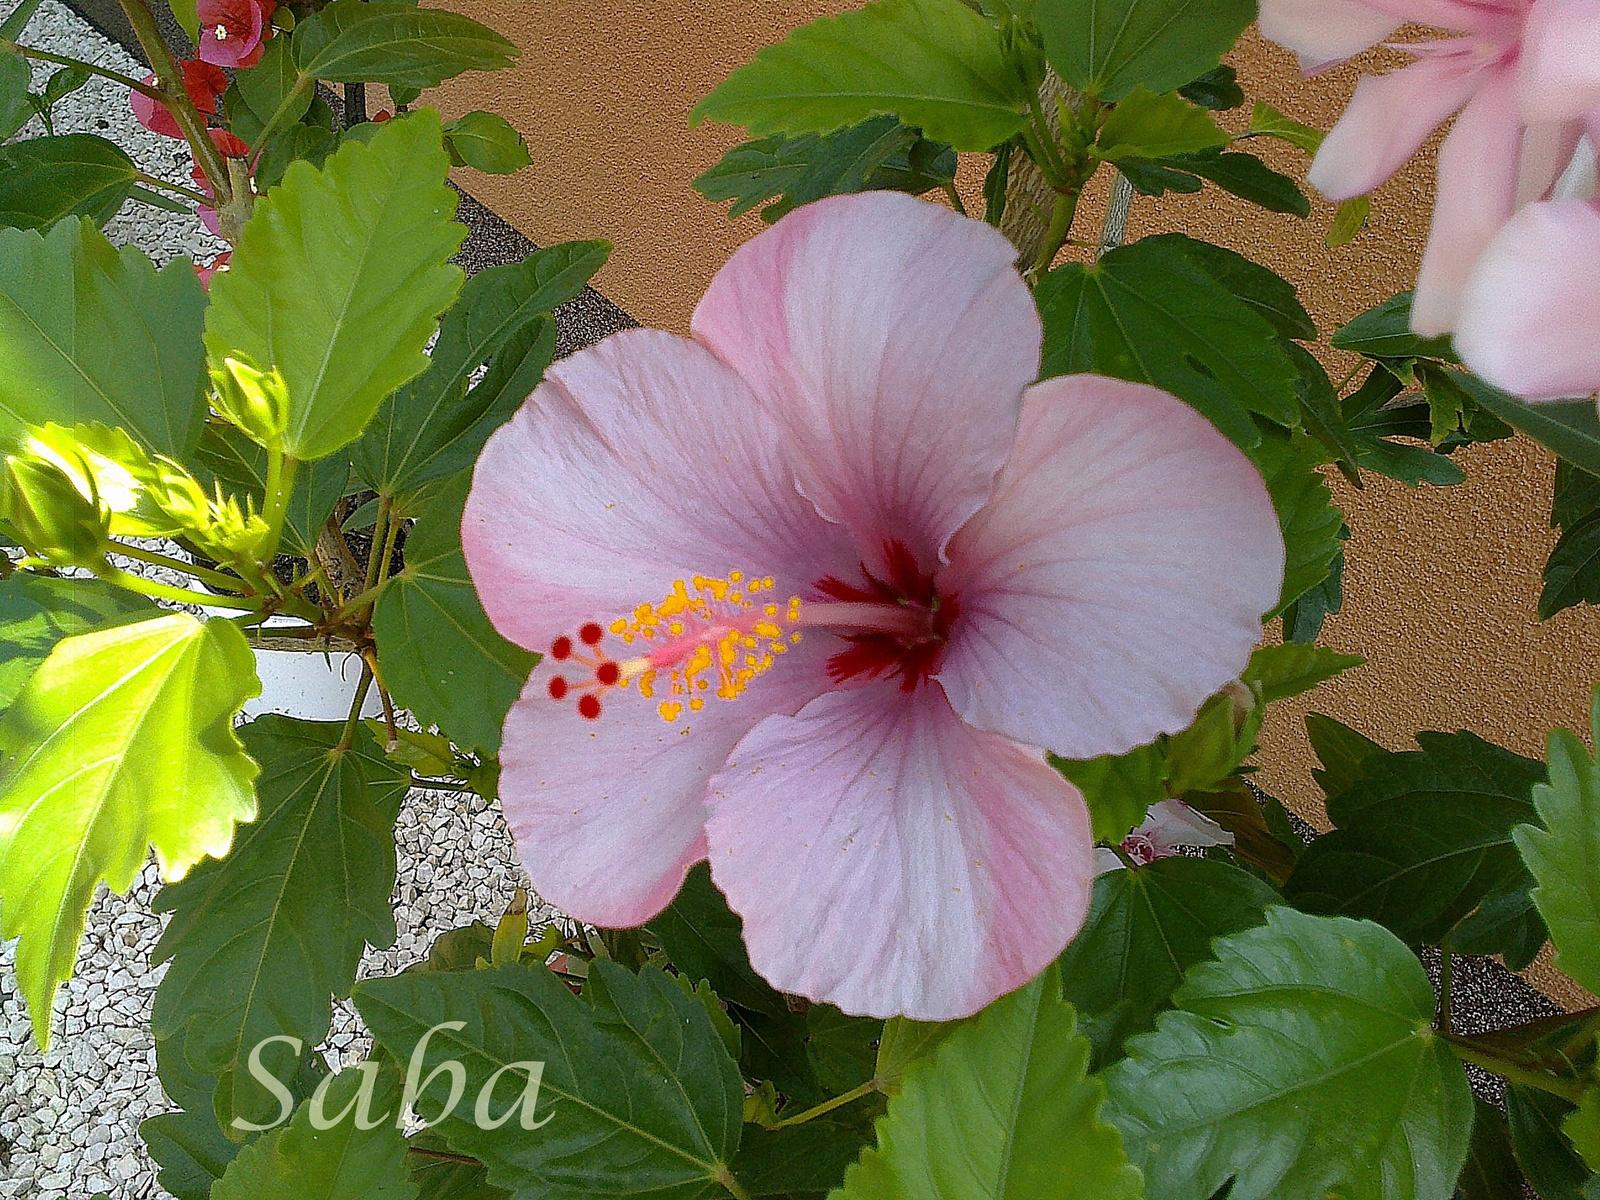 Shaba 20140806295